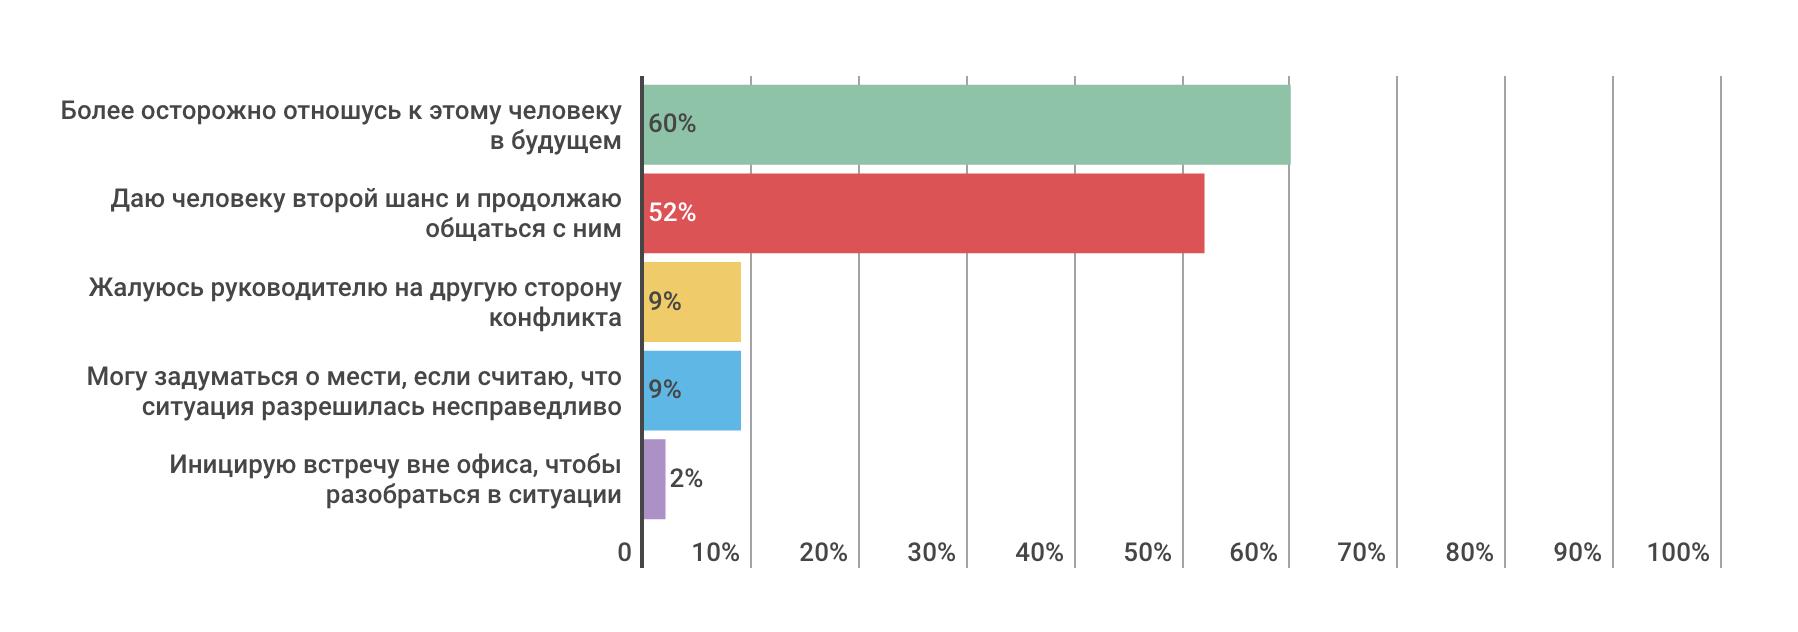 Насколько разработчики конфликтные — инфографика по результатам опроса на «Моем круге» - 7